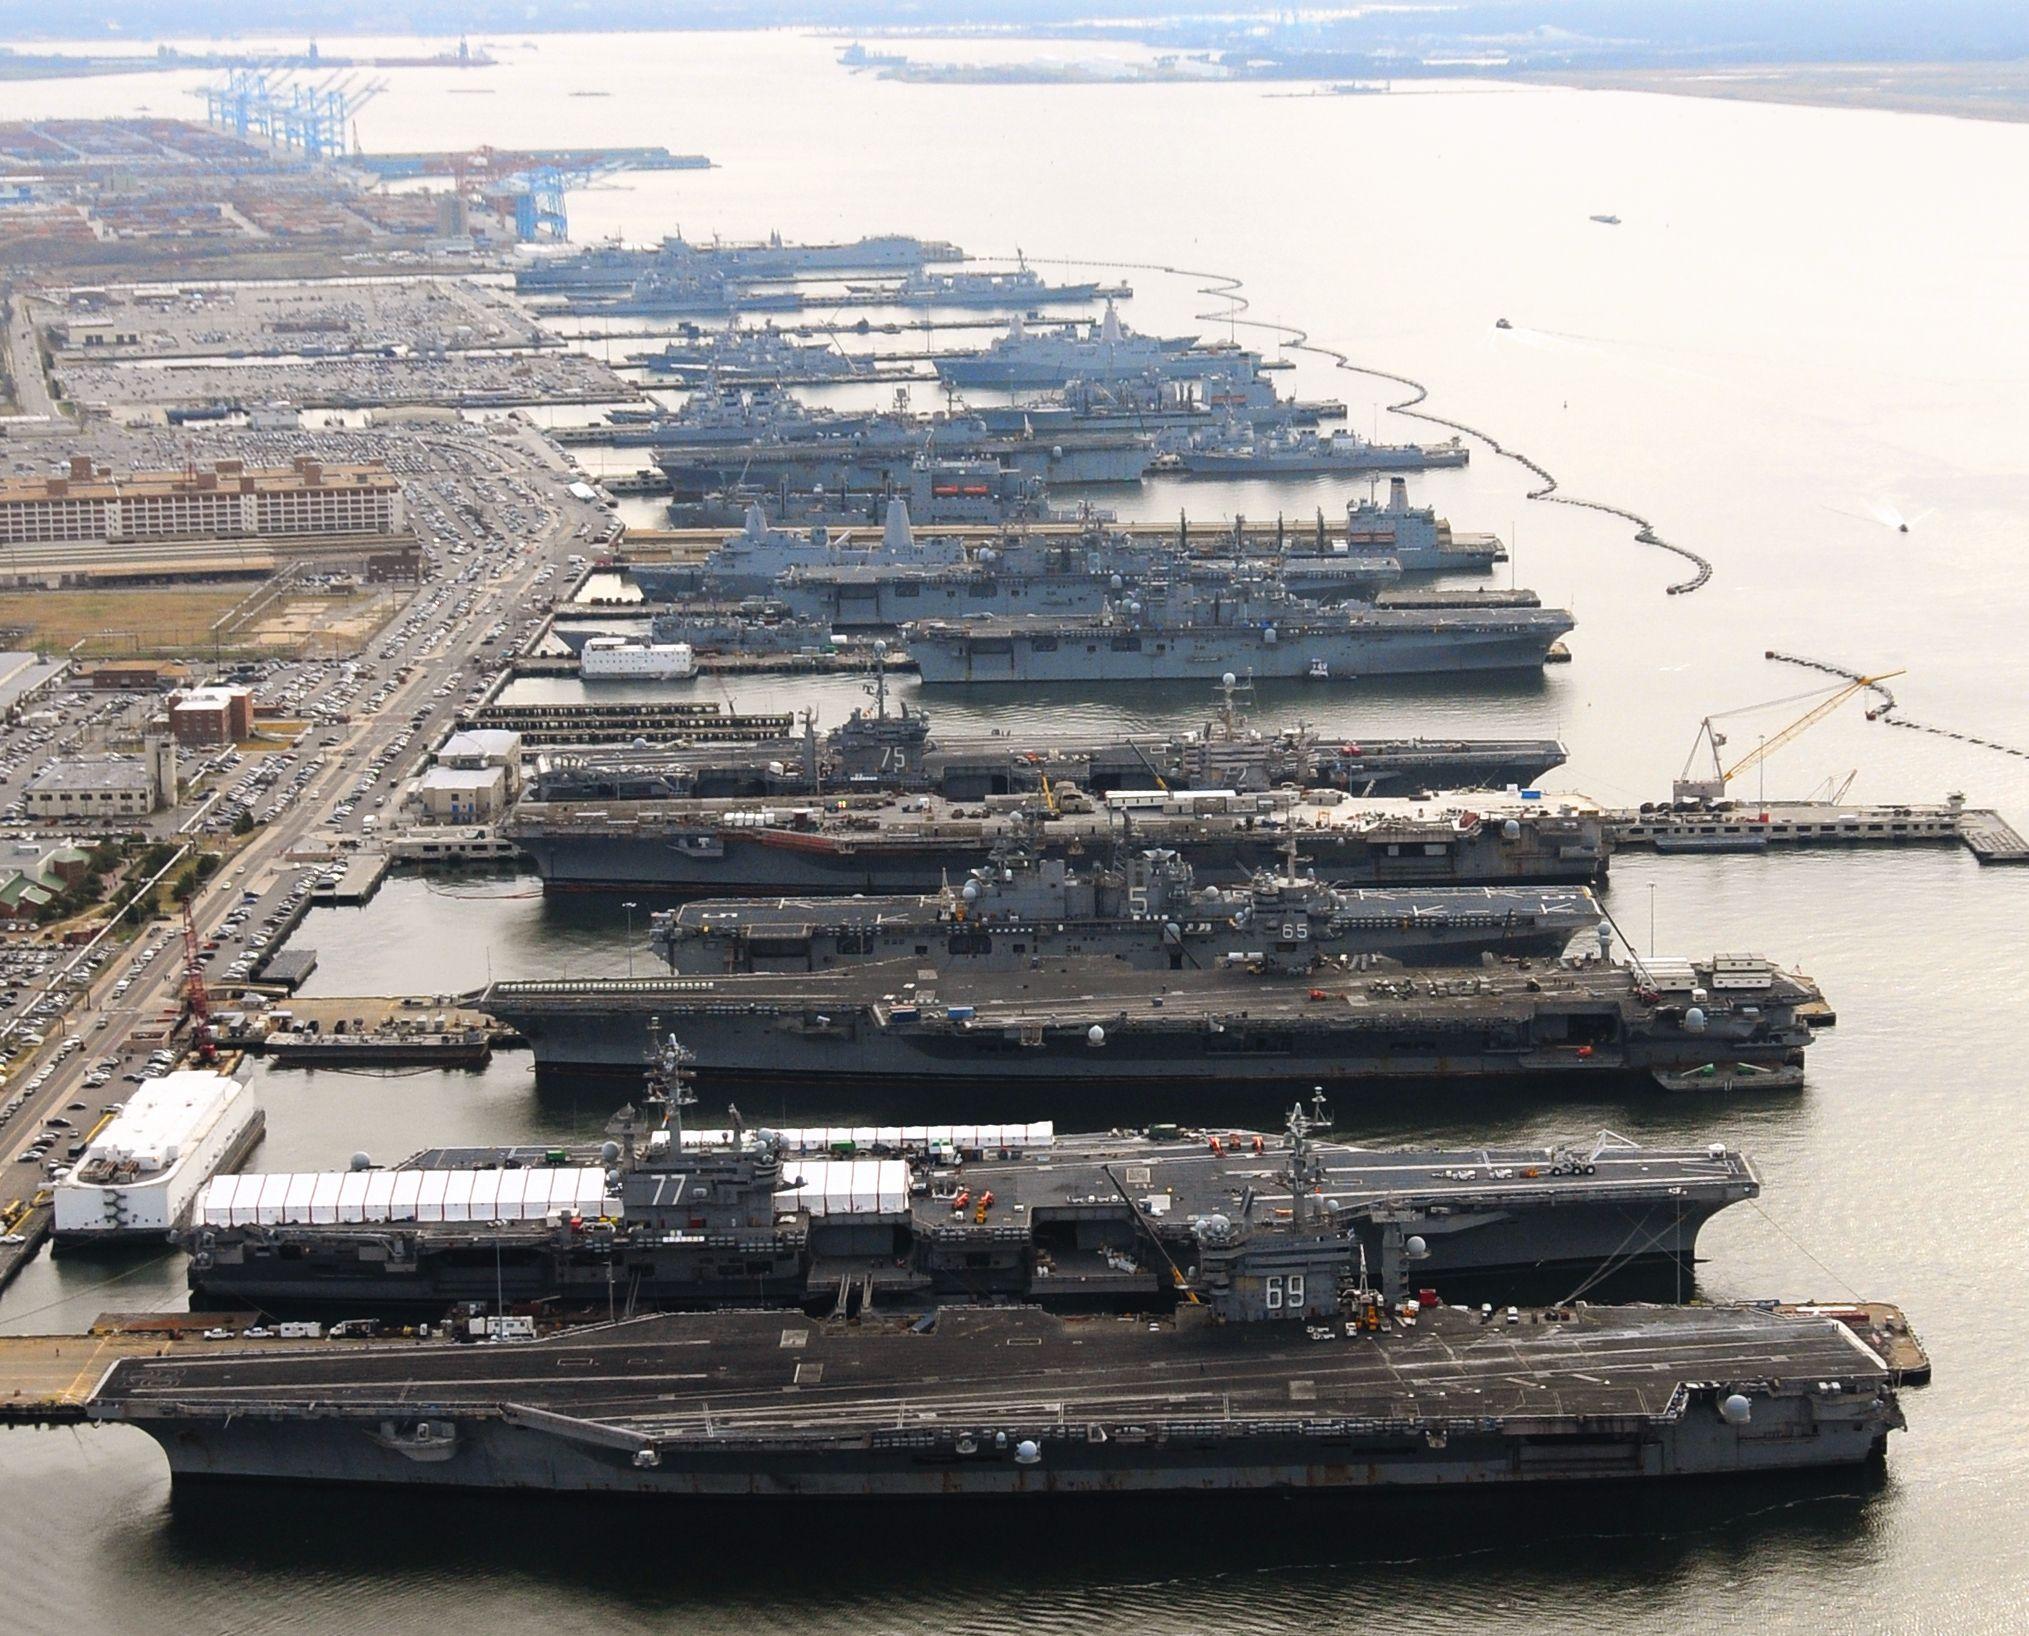 Five aircraft carriers four big deck amphibious assault